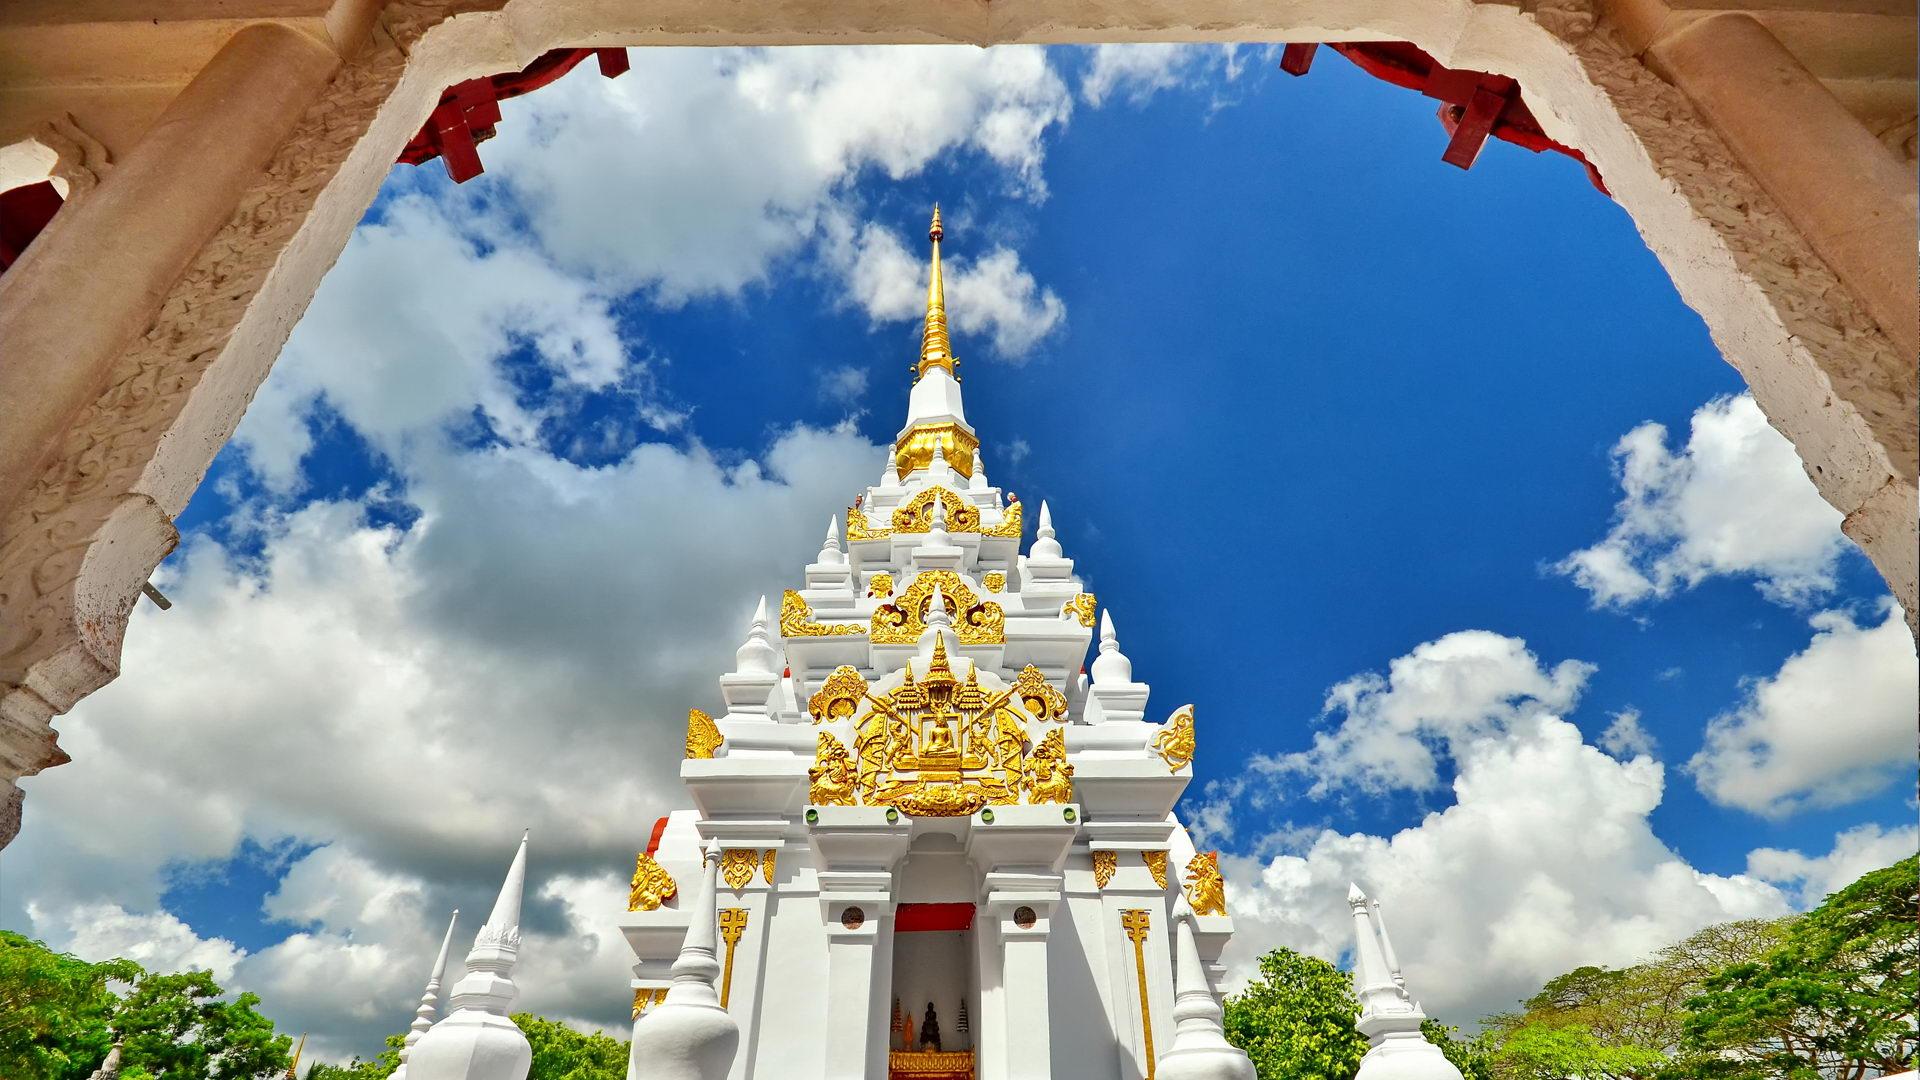 วัดพระบรมธาตุไชยาราชวรวิหาร จ.สุราษฎร์ธานี : ธรรมะไทย